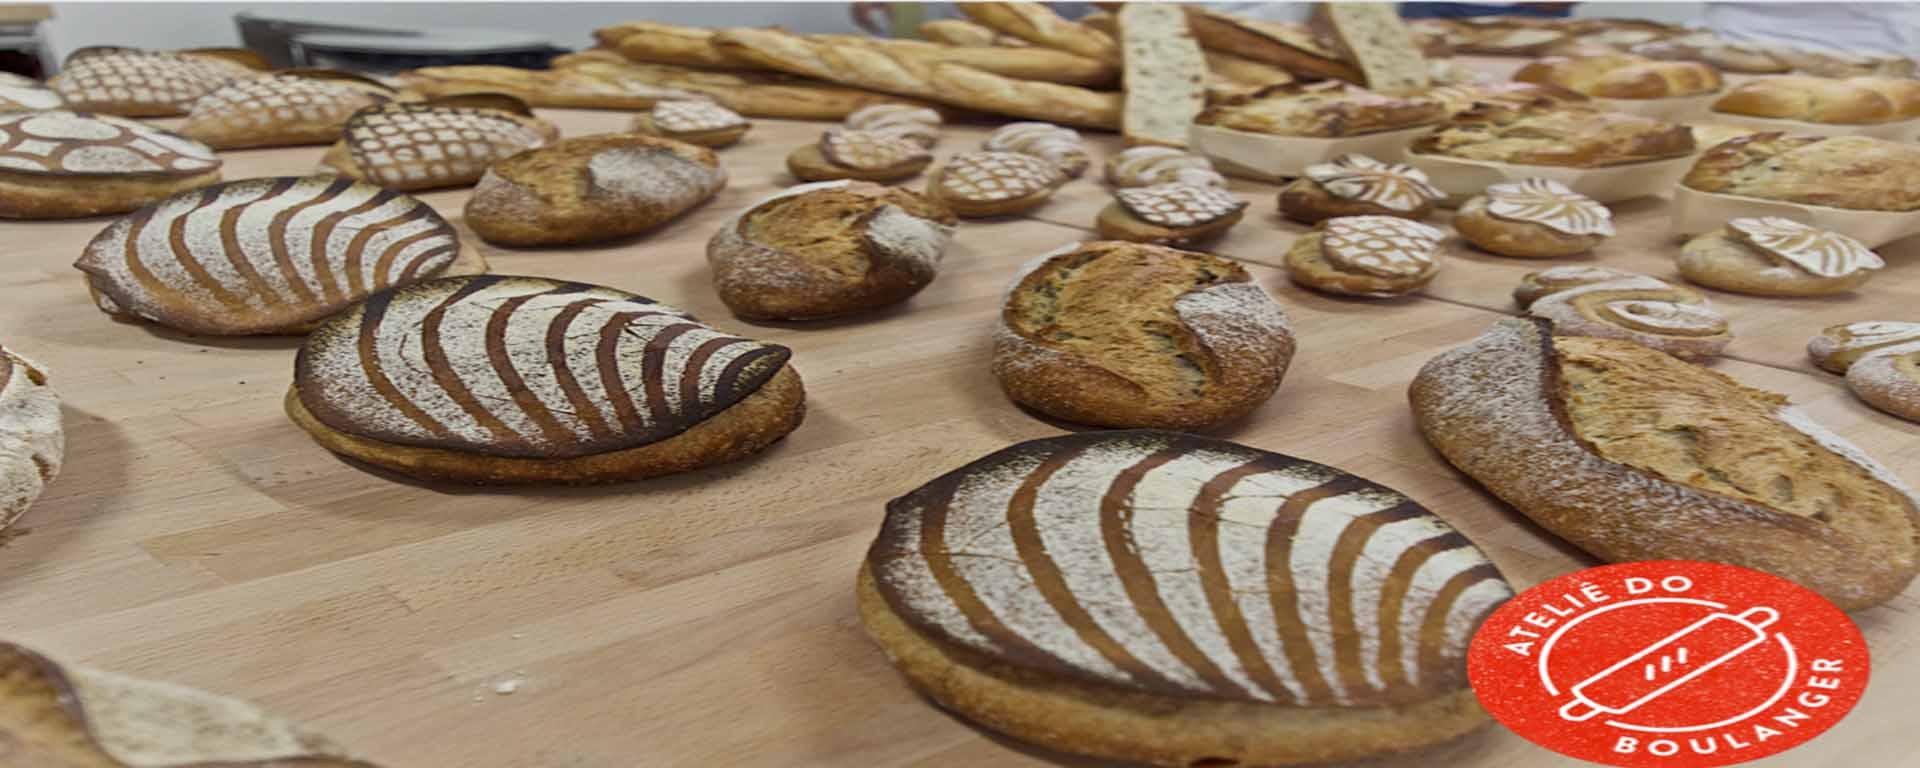 Ateliê do Boulanger, um pedaço da França no Brasil